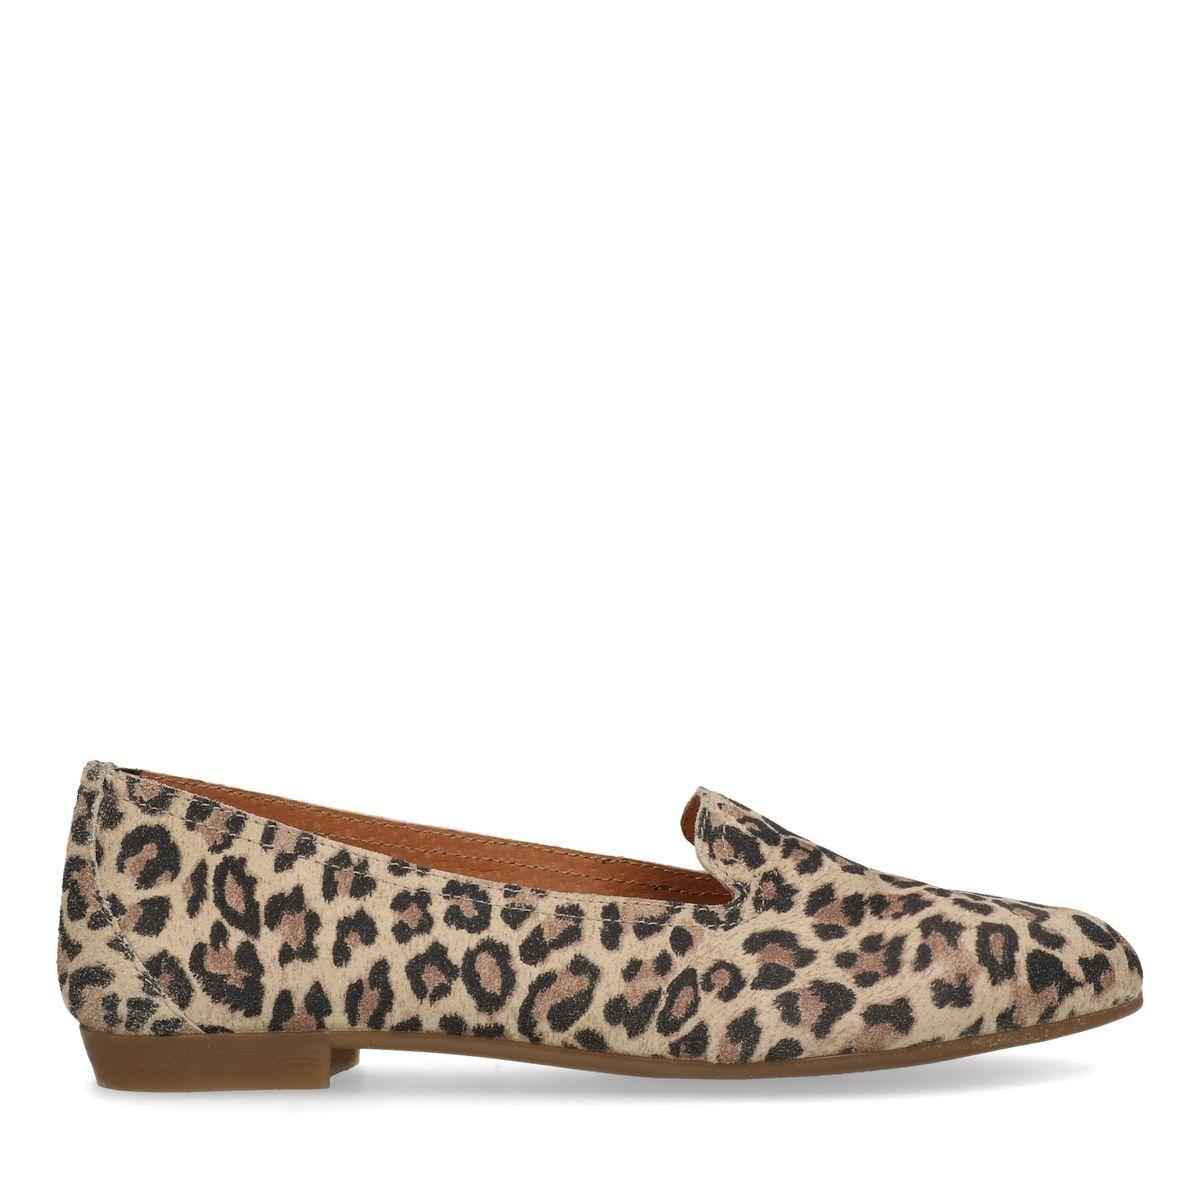 Loafers en daim avec imprimé léopard (Maat 37)